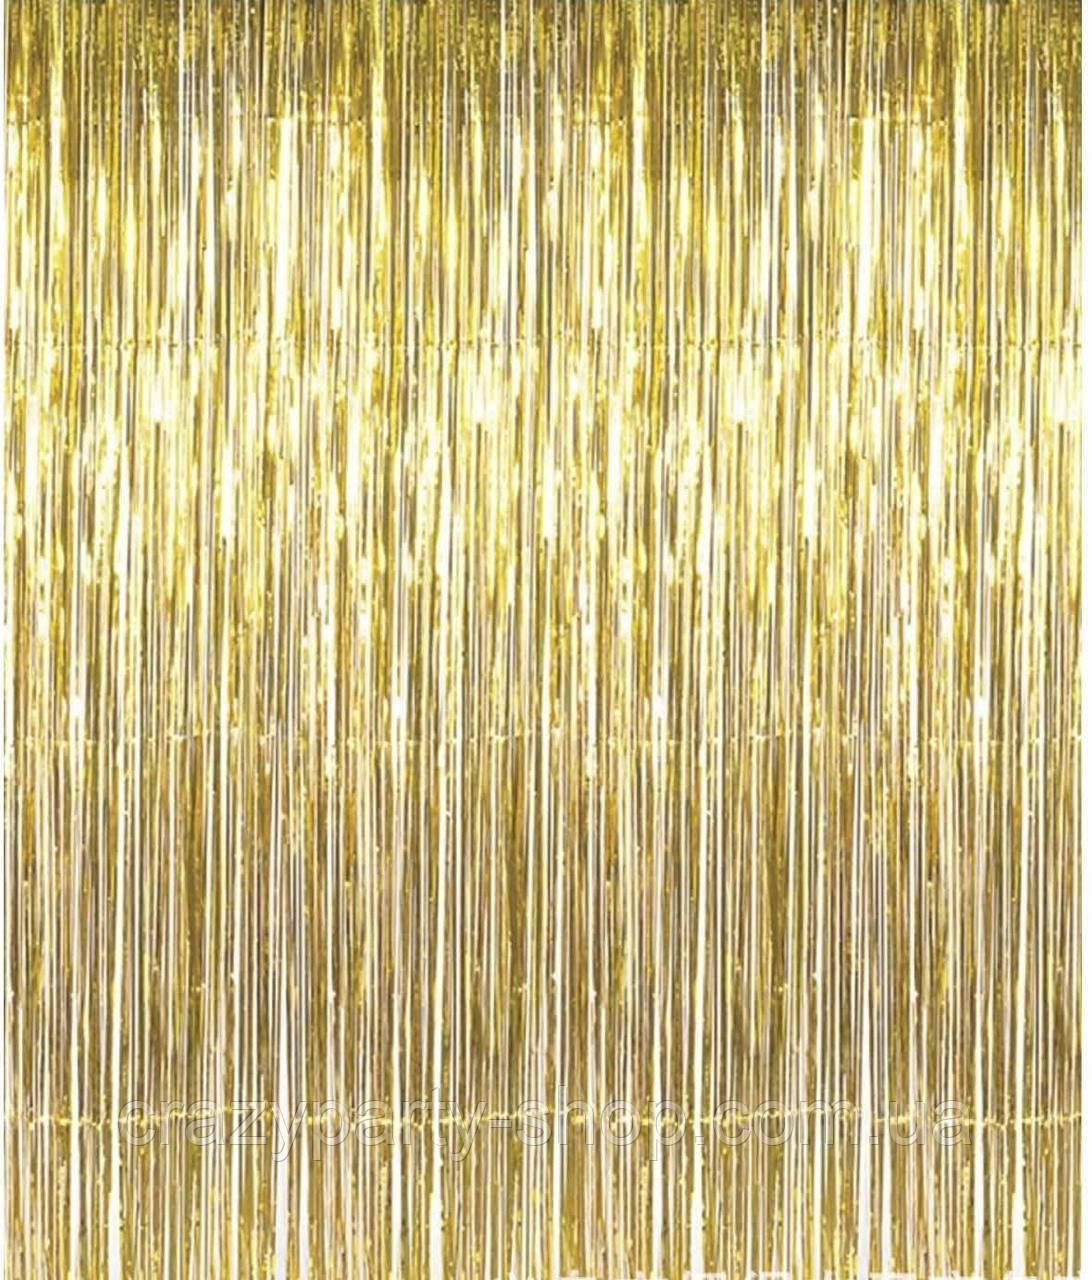 Шторка из фольги для фото  зоны  золотистая 2 мх 1 м